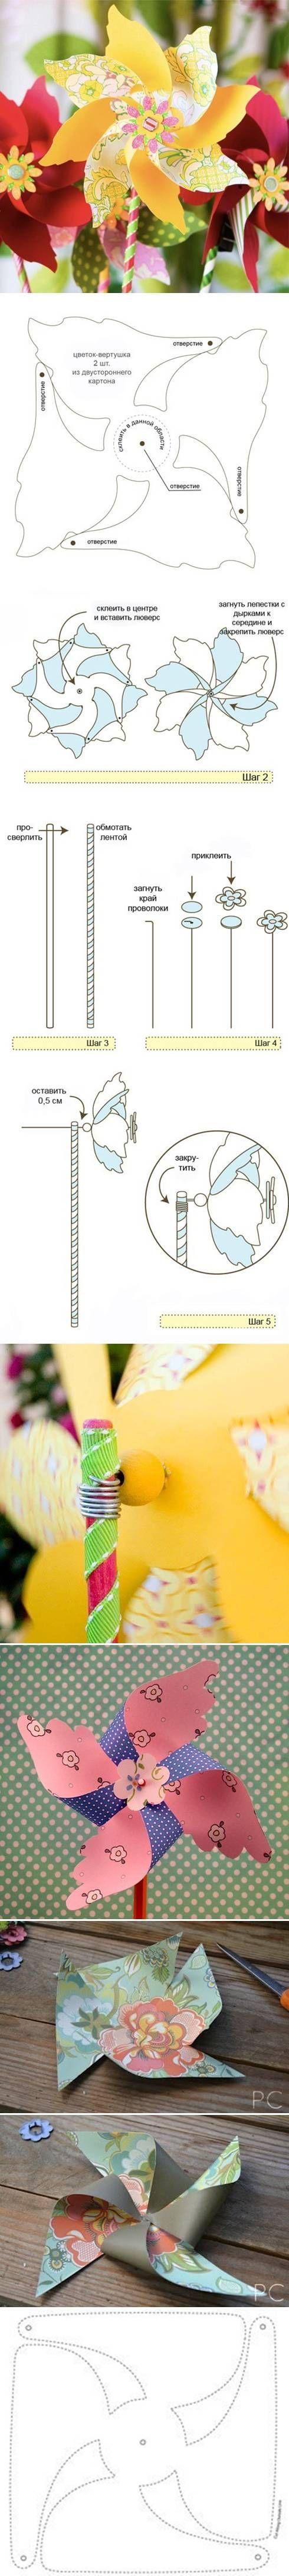 DIY Paper Windmills DIY Paper Windmills